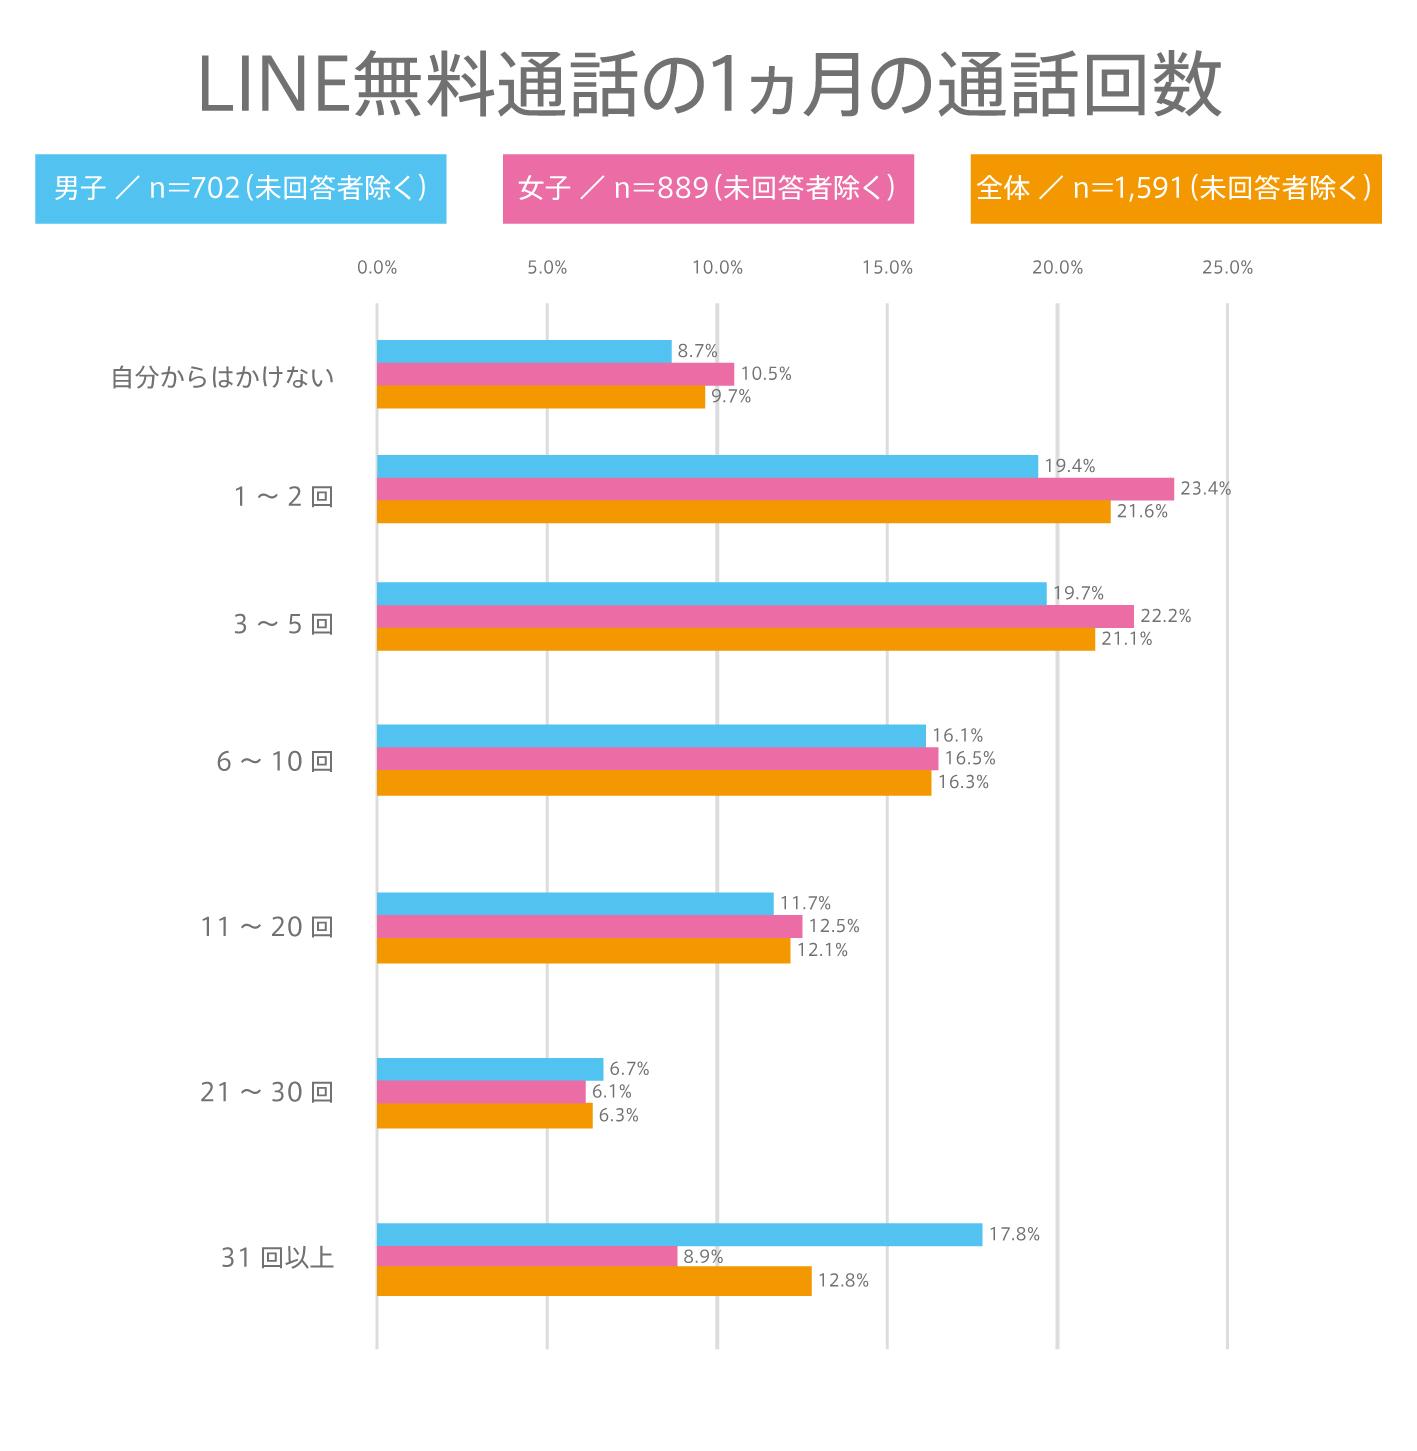 #78 高校生のLINE無料通話の使用頻度は?LINEの利用に関する実態調査